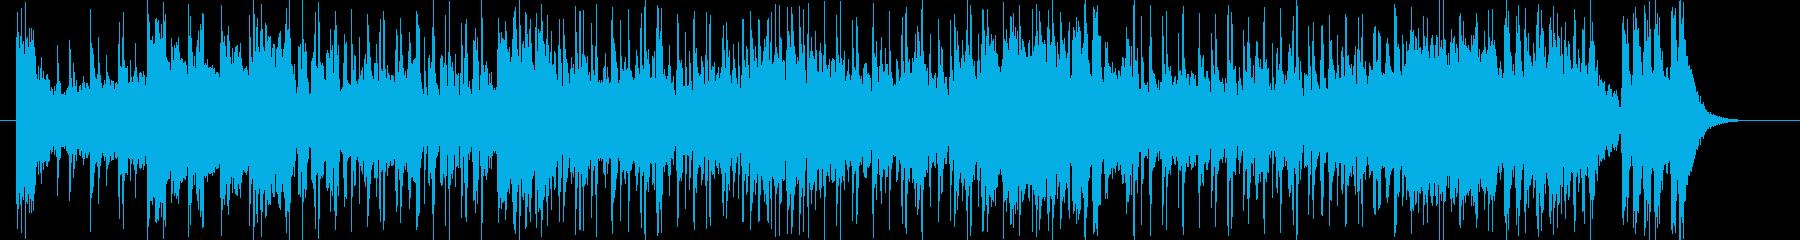 緩やかでムーディーなシンセジングルの再生済みの波形